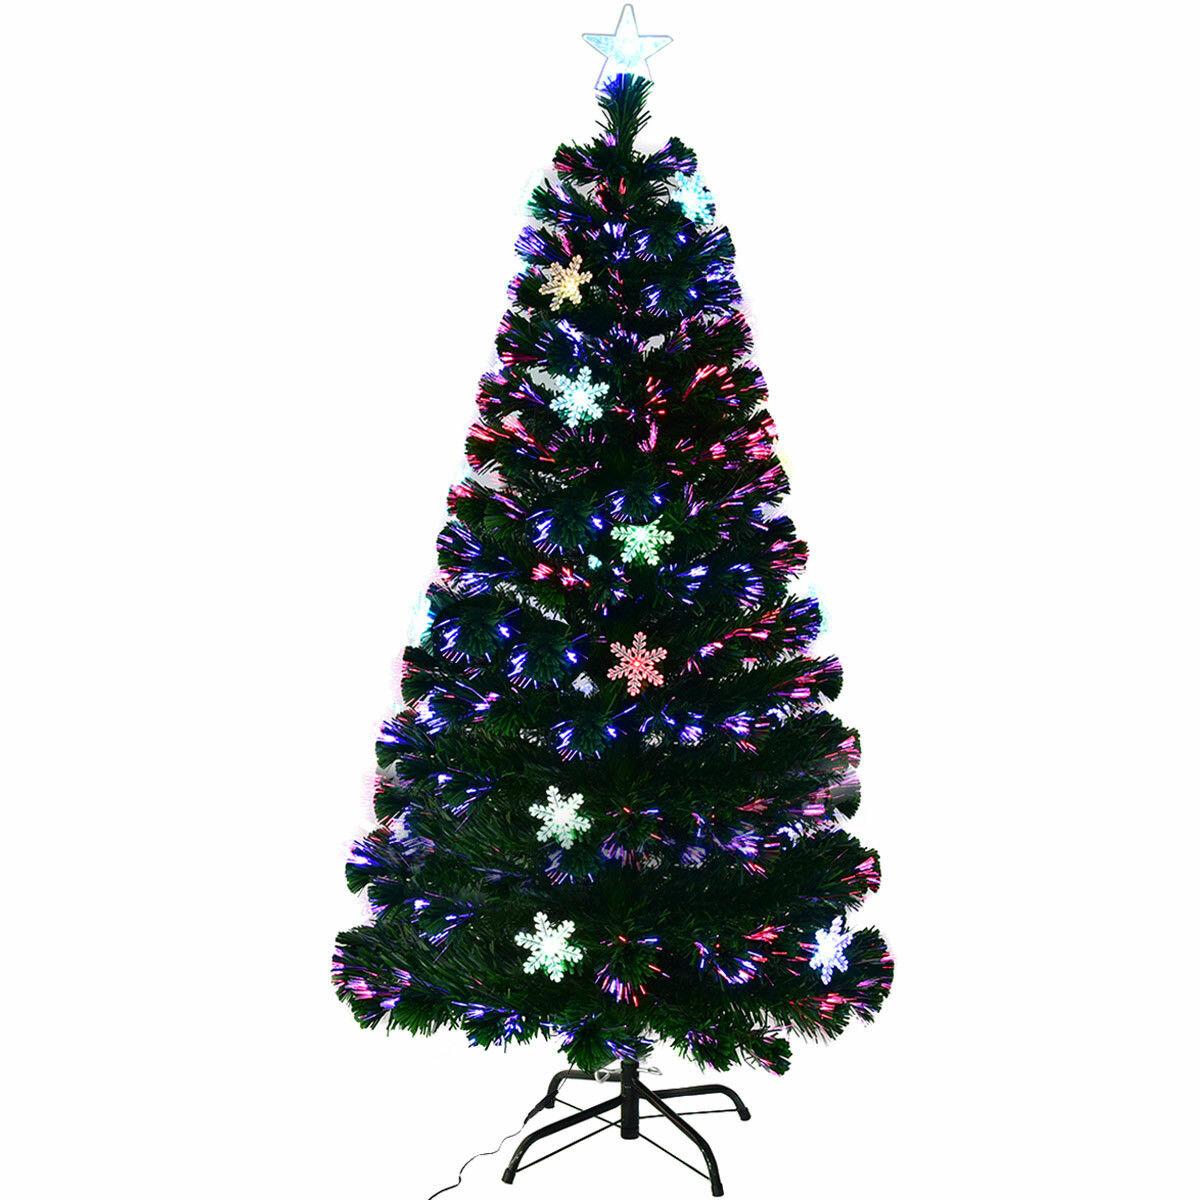 Arbre De Noël Artificiel En Pin Vert, 7 Pi, Avec 40 Lumières Multicolores